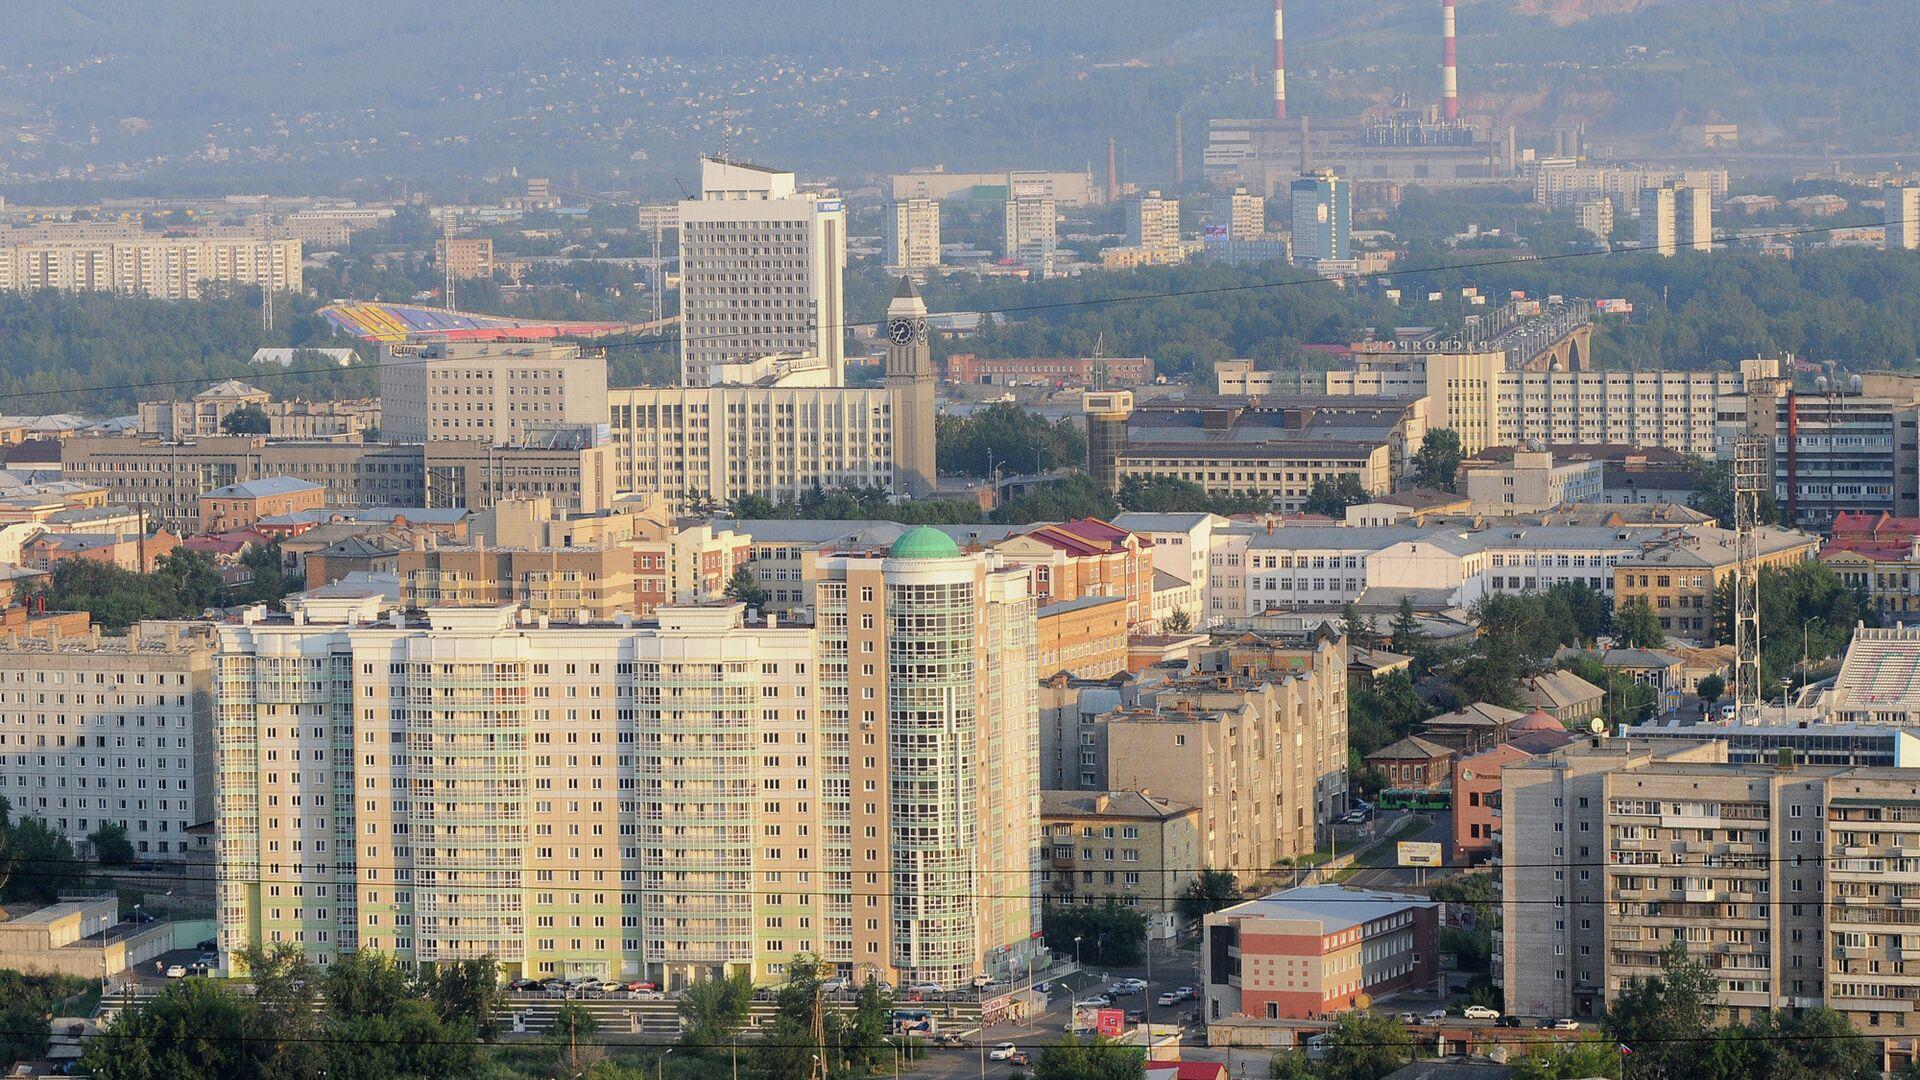 Красноярск, центр города - РИА Новости, 1920, 27.09.2021